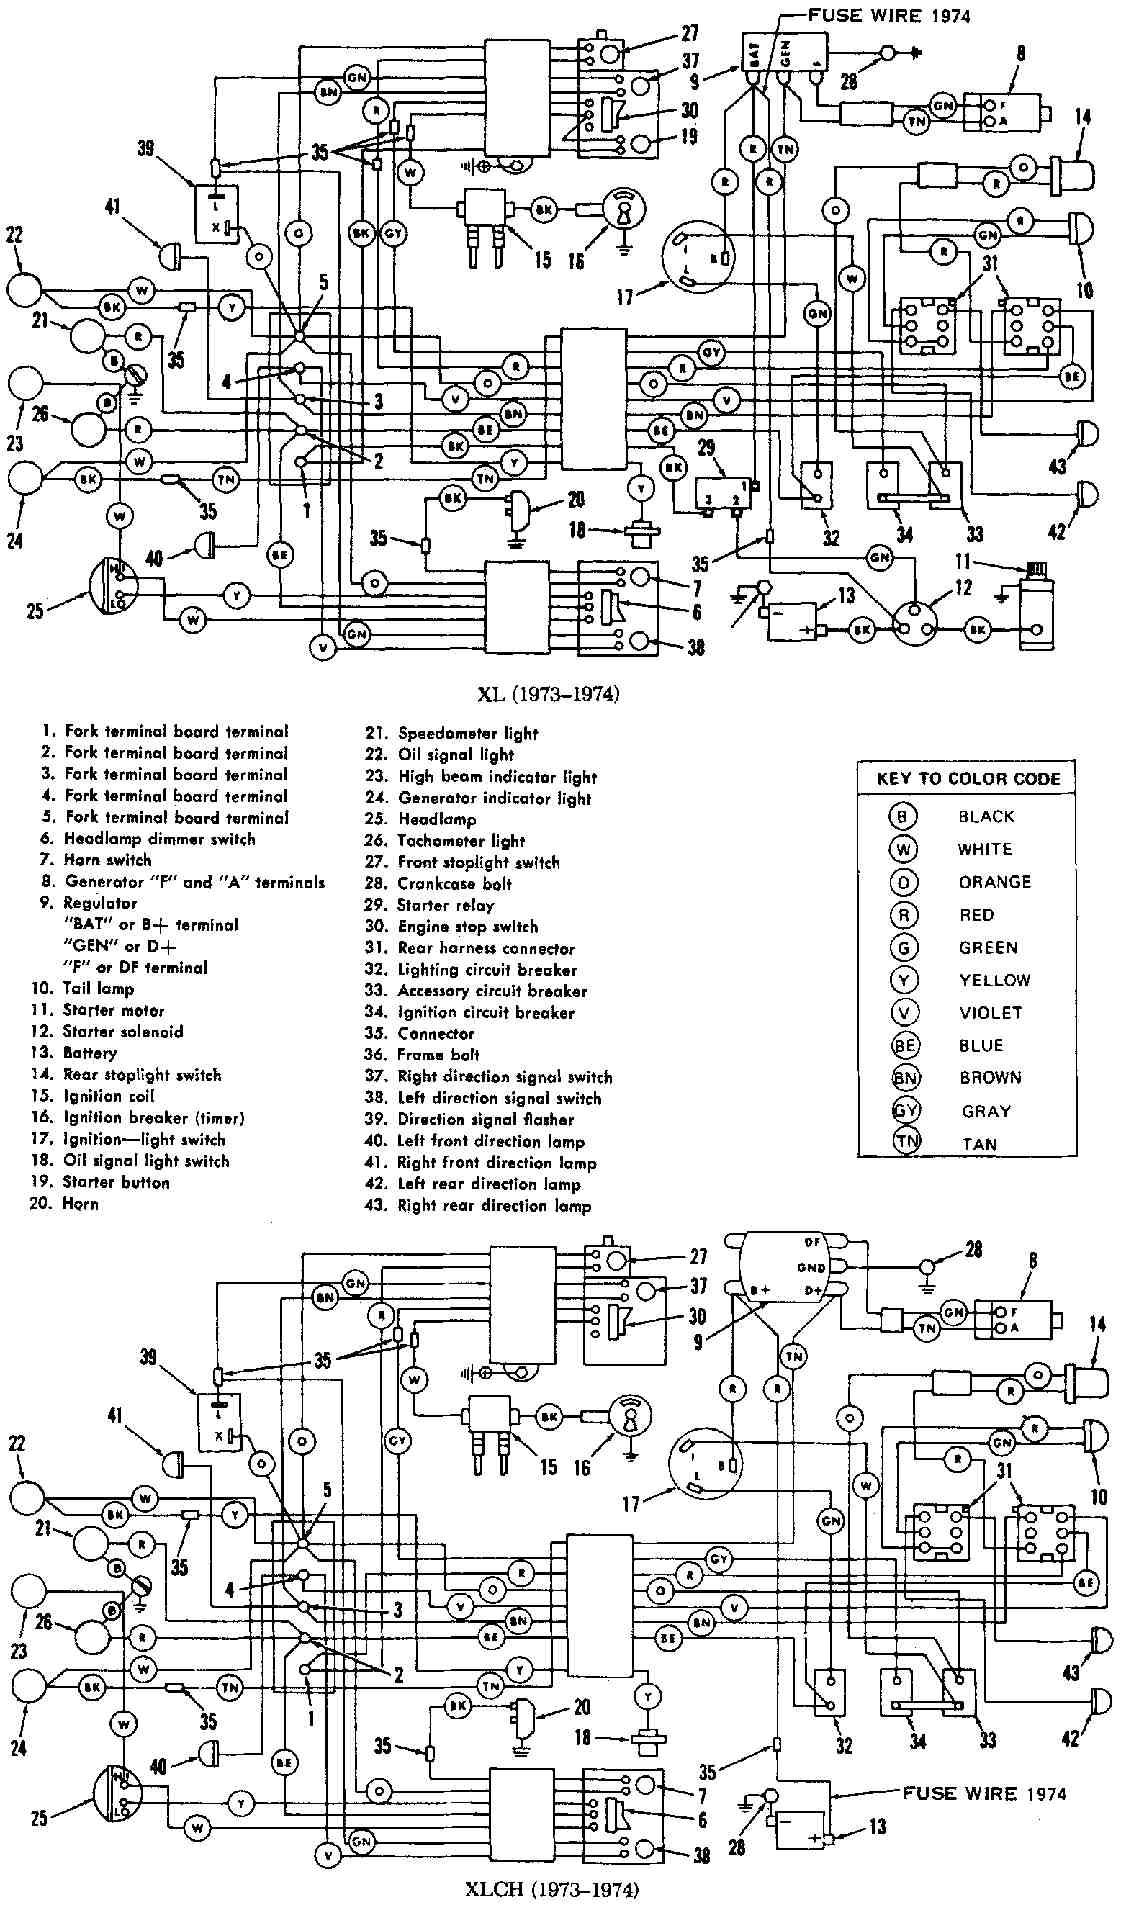 1977 harley flh wiring diagram